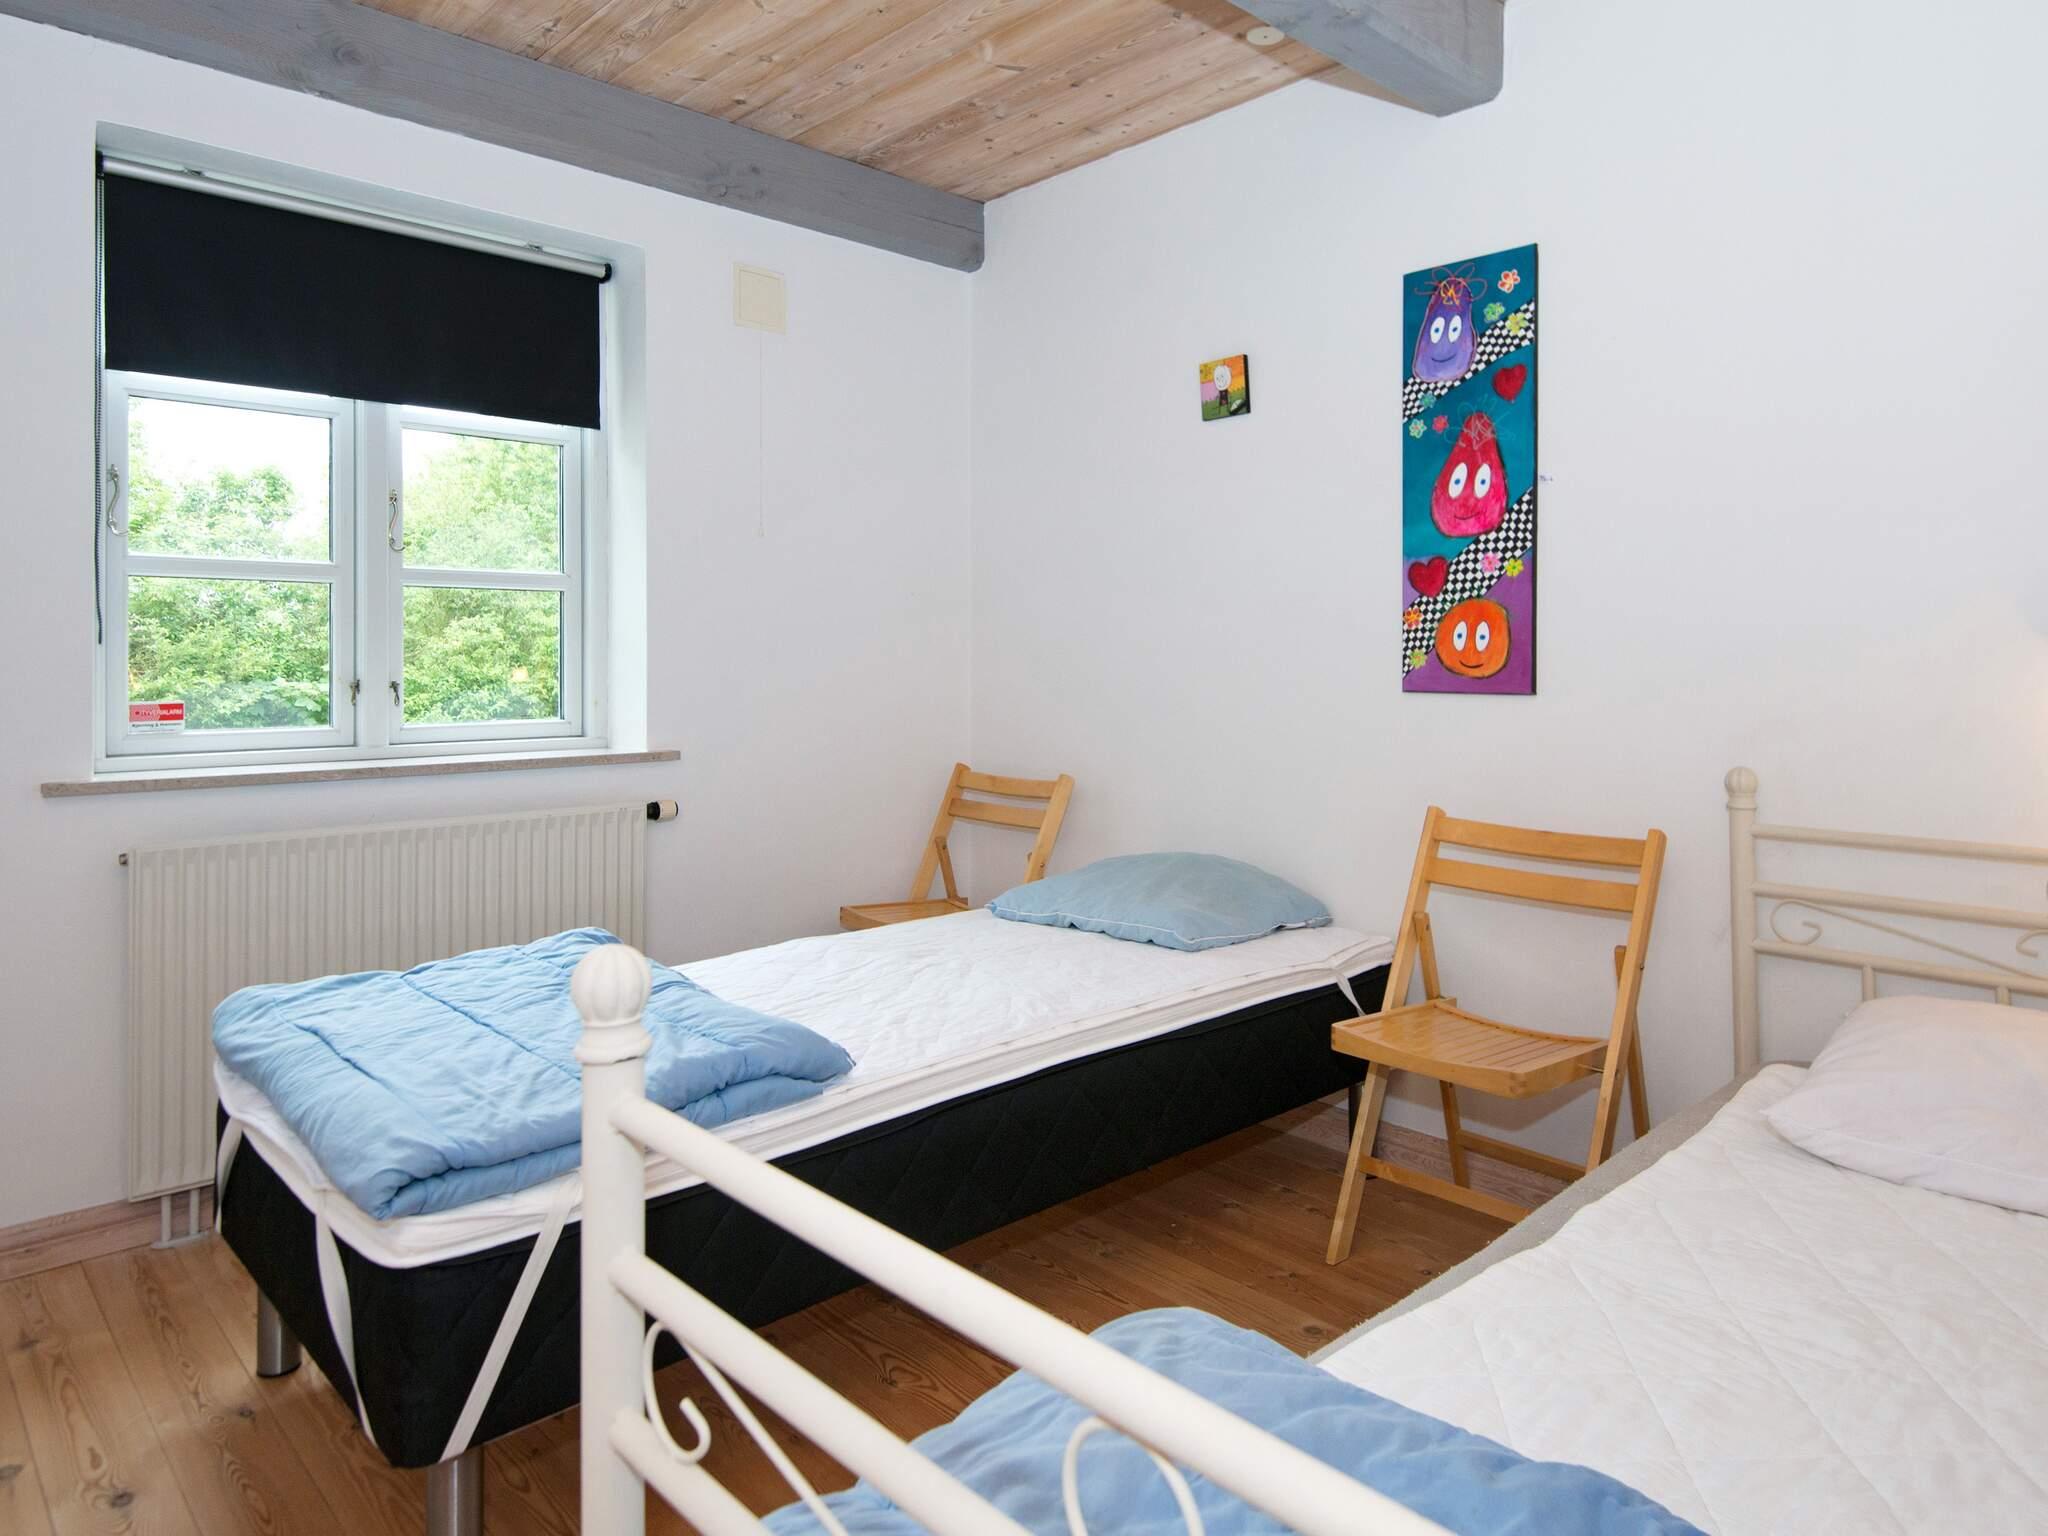 Ferienhaus Gram (2596230), Gram, , Südwestjütland, Dänemark, Bild 12